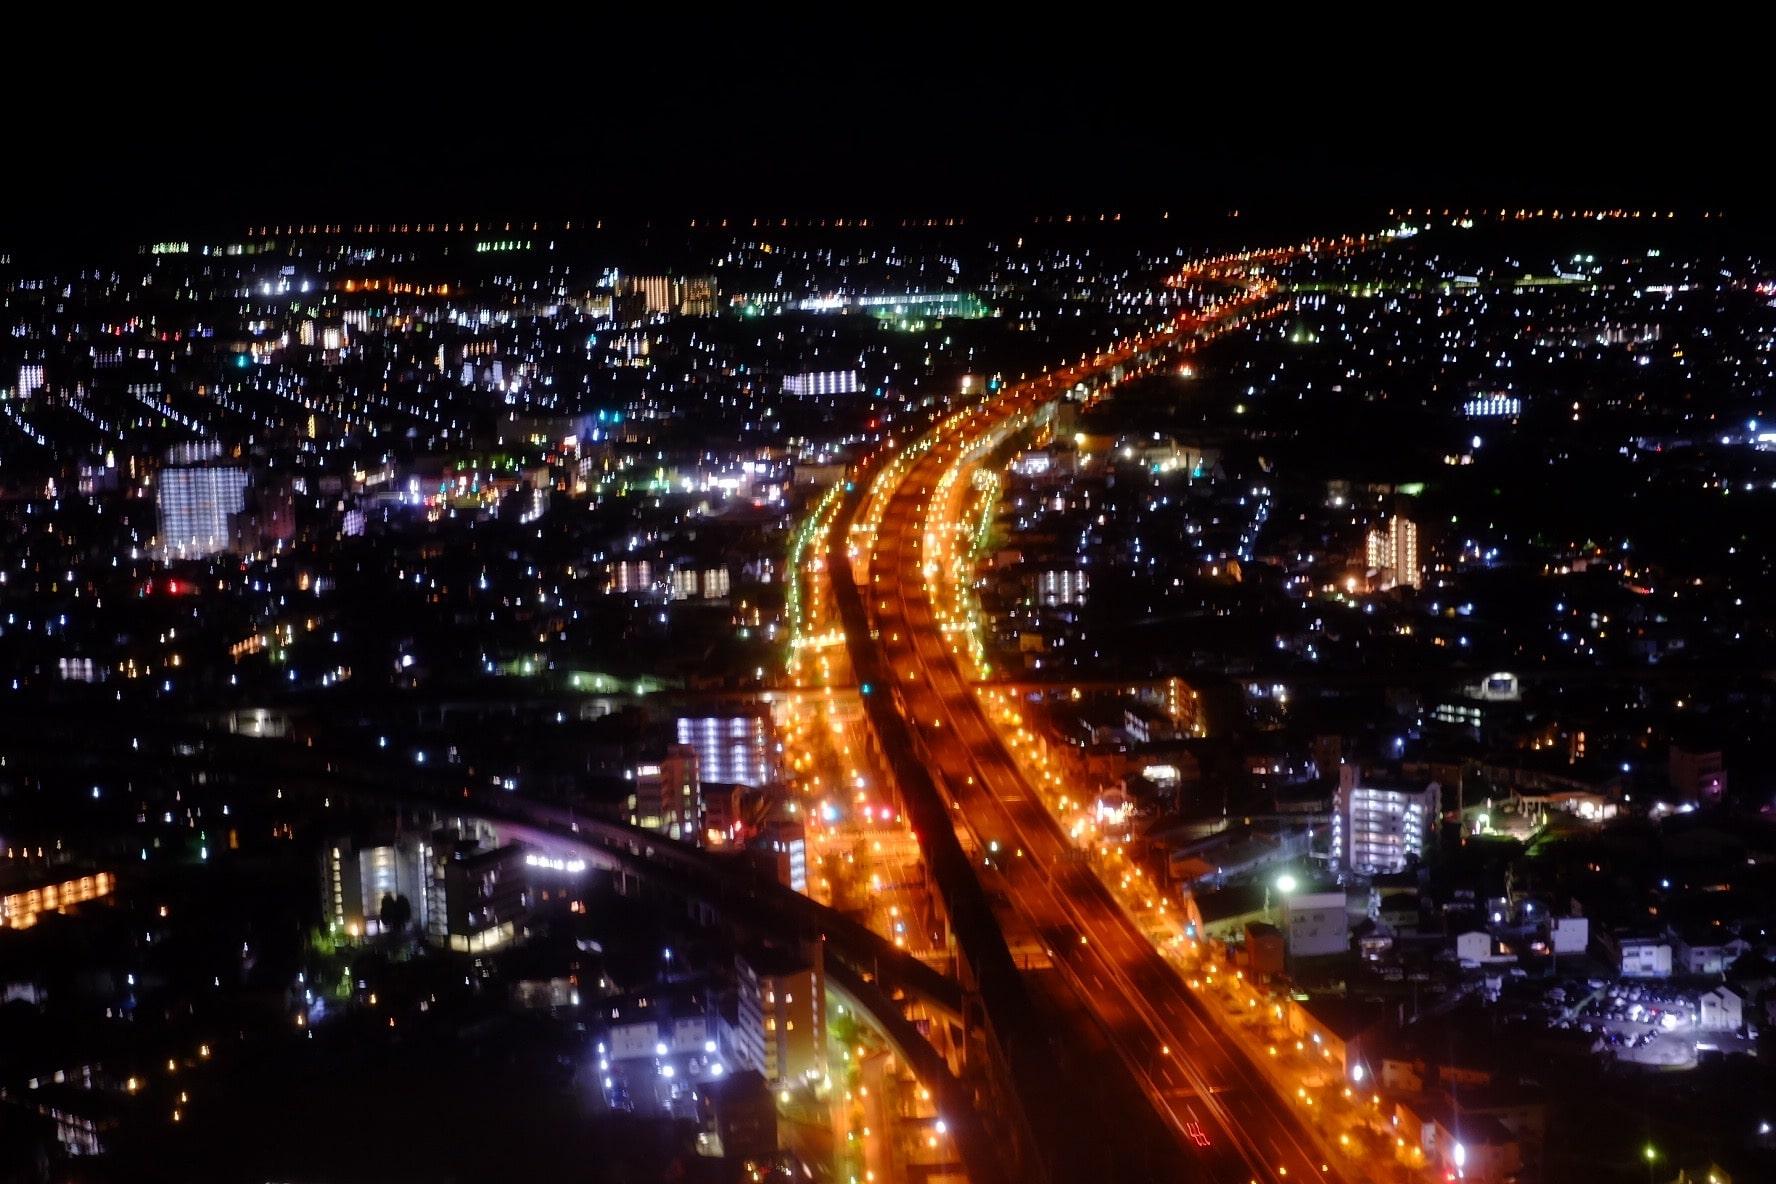 KIX night street view